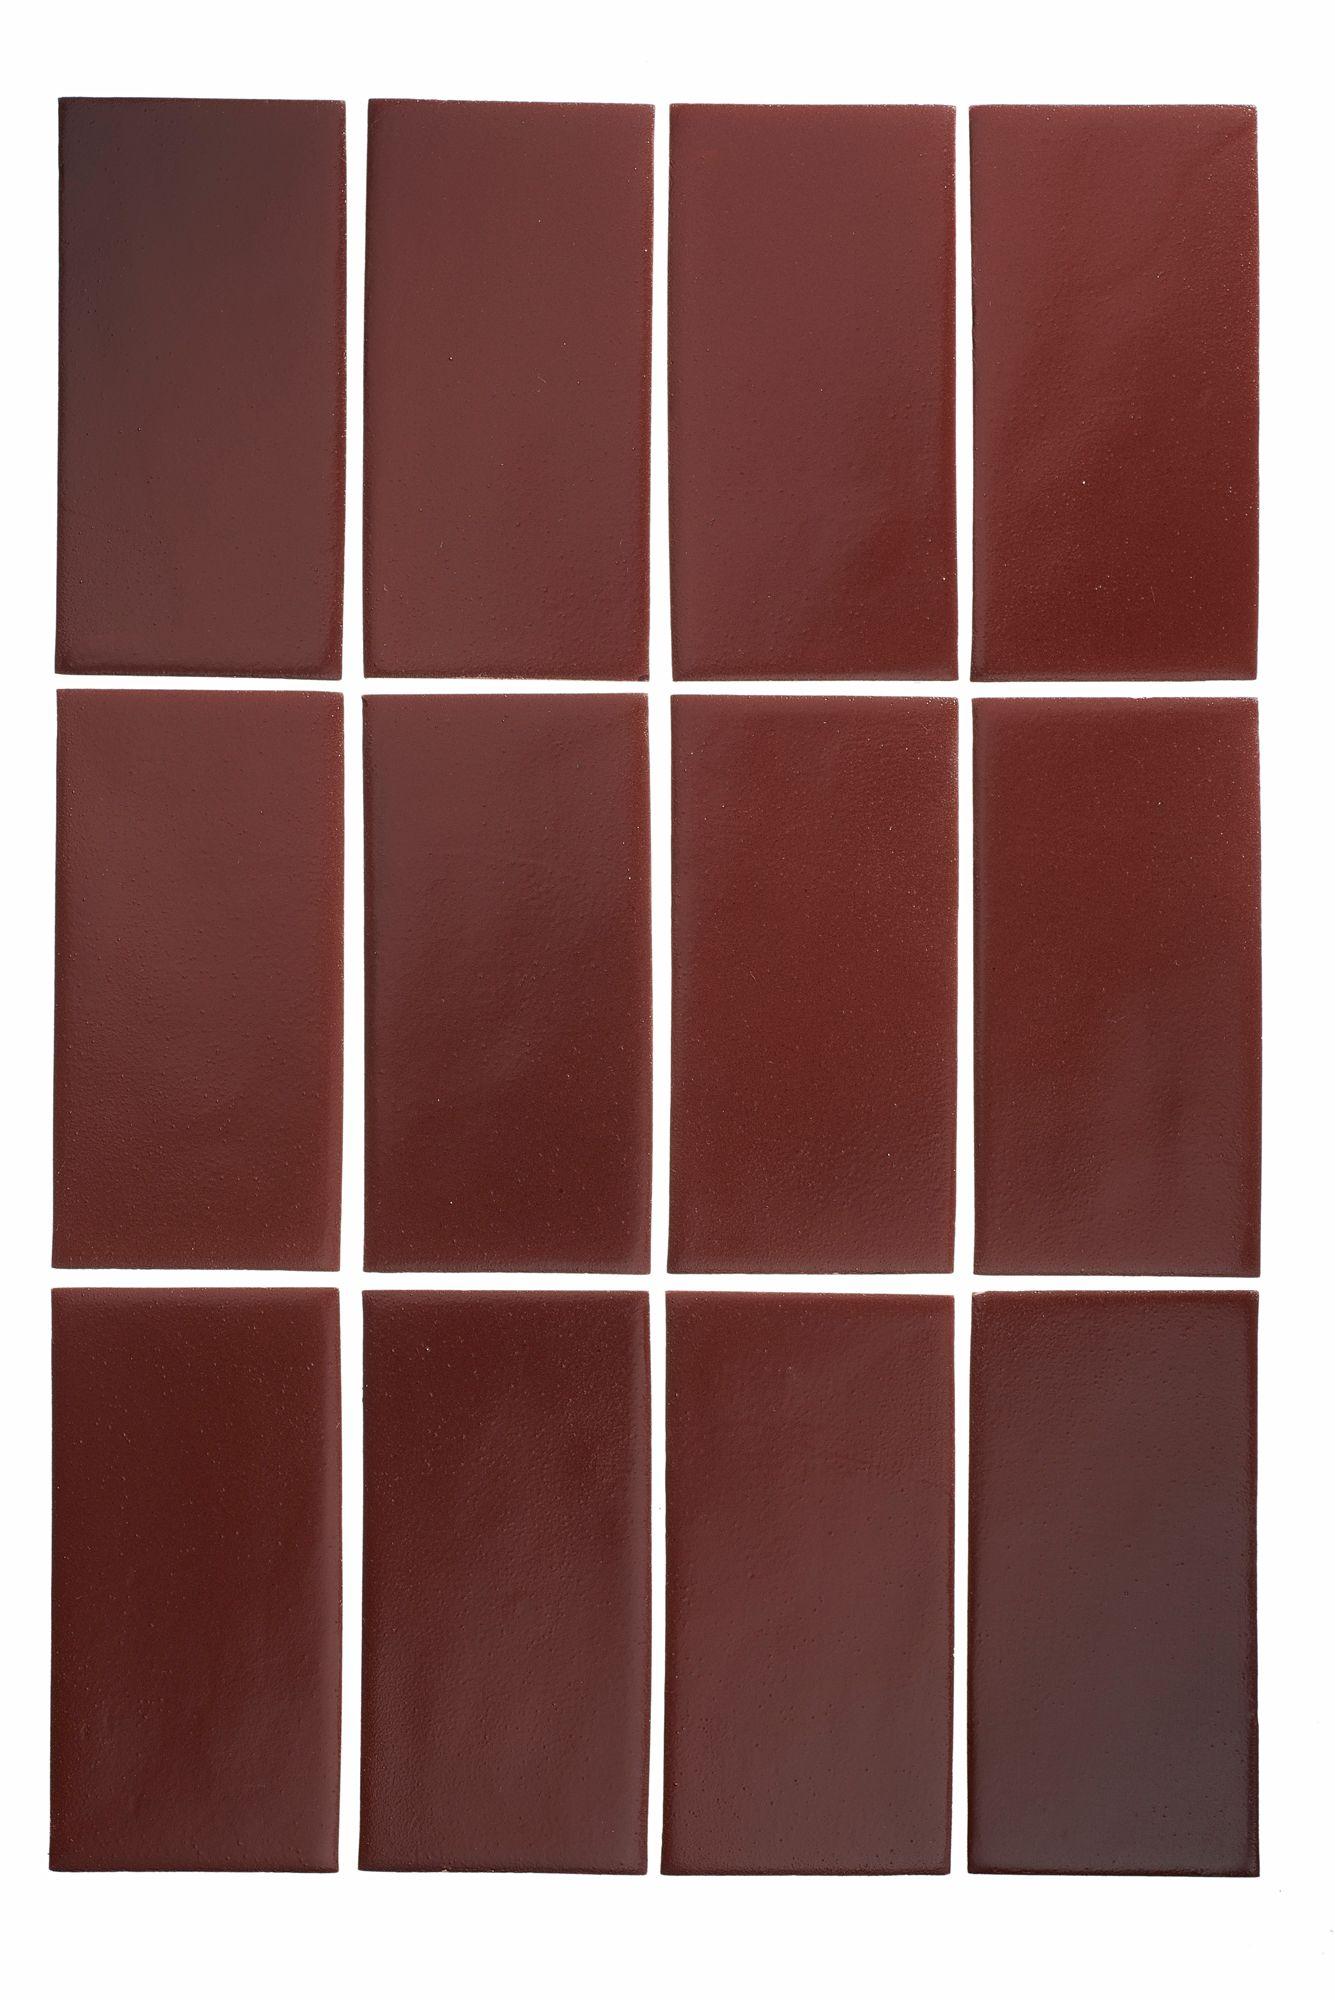 FE35S_7 Iron Waste Glazed Tiles